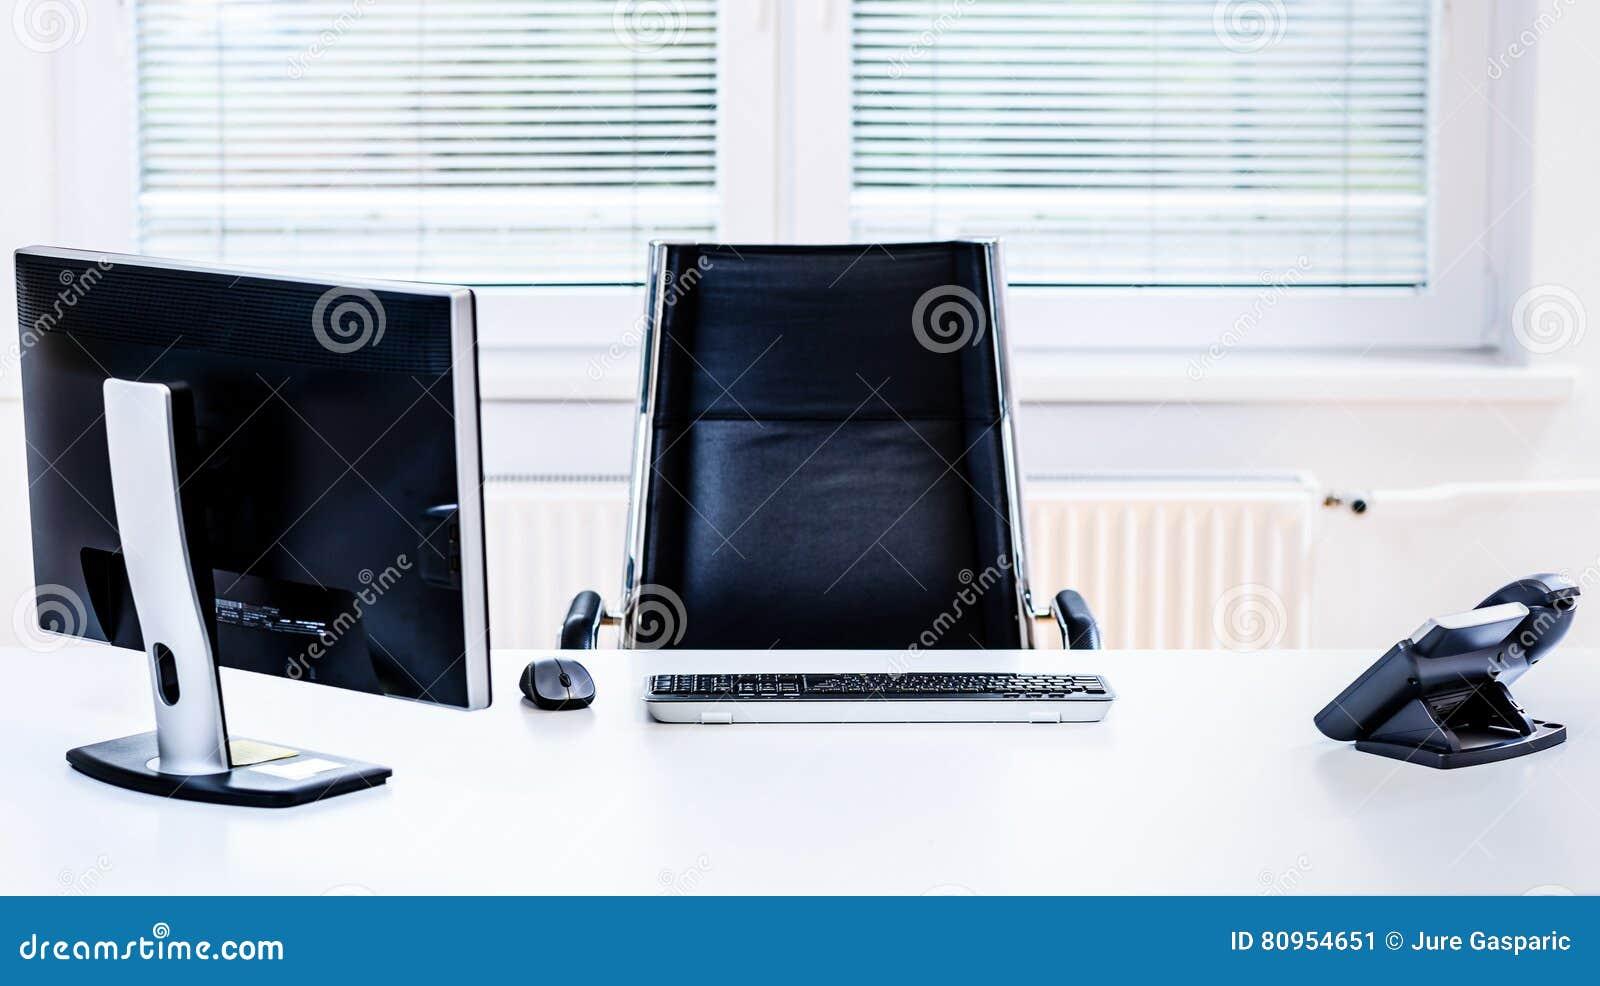 Meilleur bureau pour ordinateur le comparatif en janvier